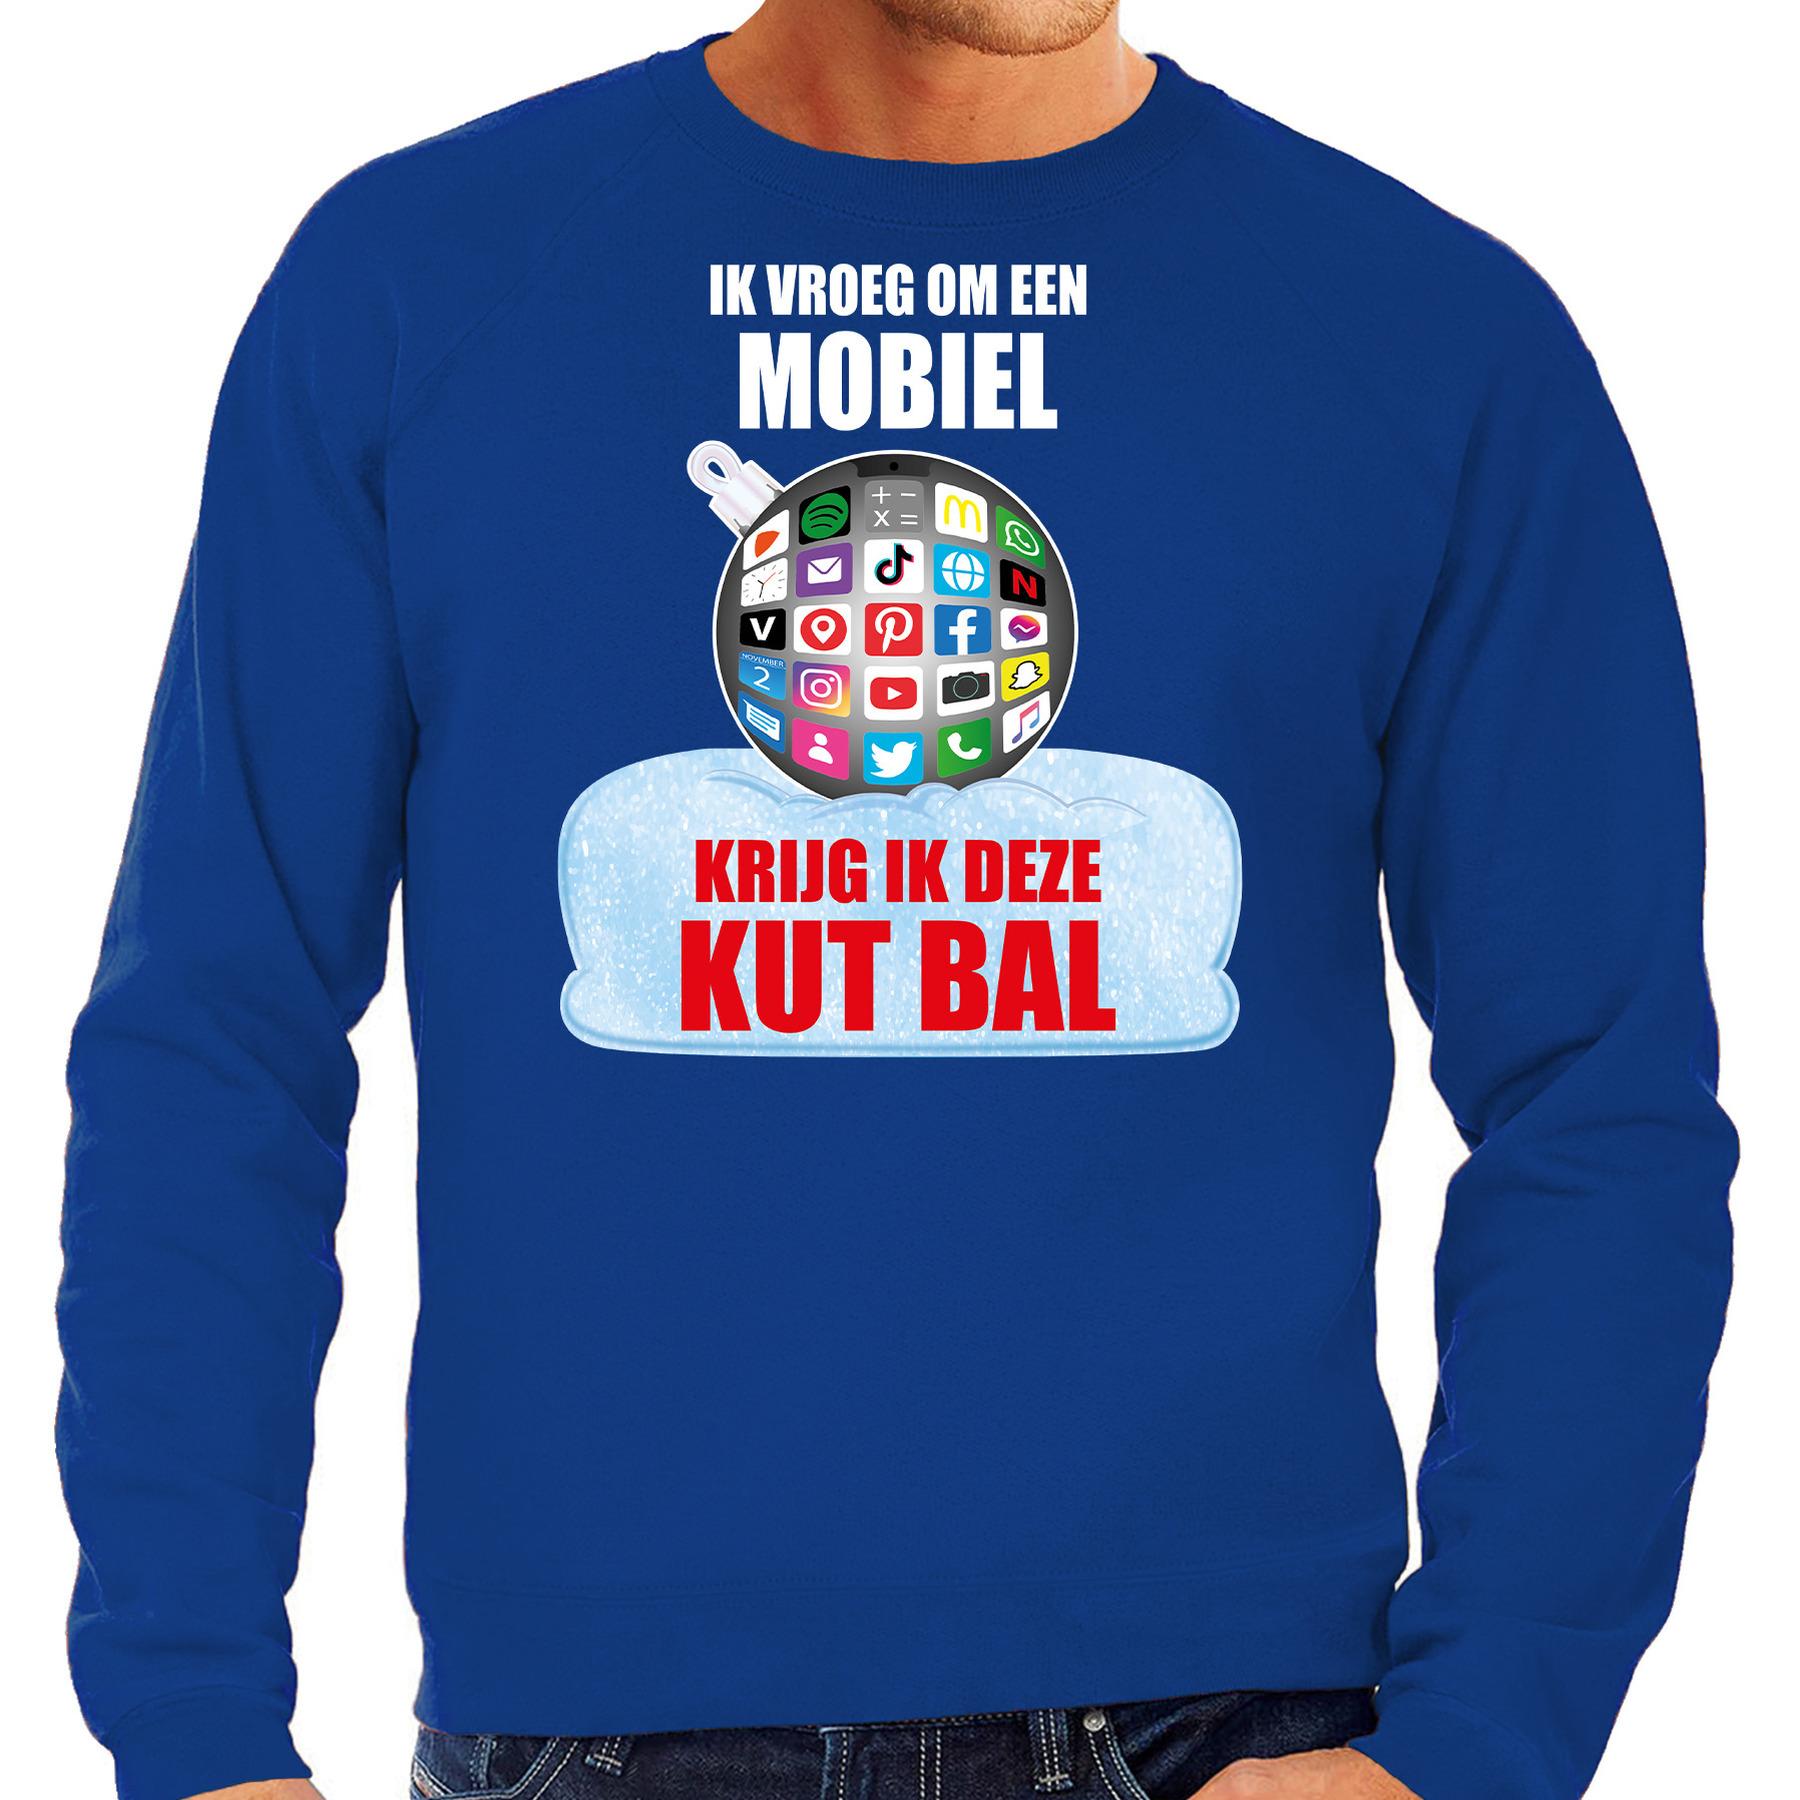 Kut Kerstbal Kersttrui - Kerst outfit Ik vroeg om een mobiel krijg ik deze kut bal blauw voor heren